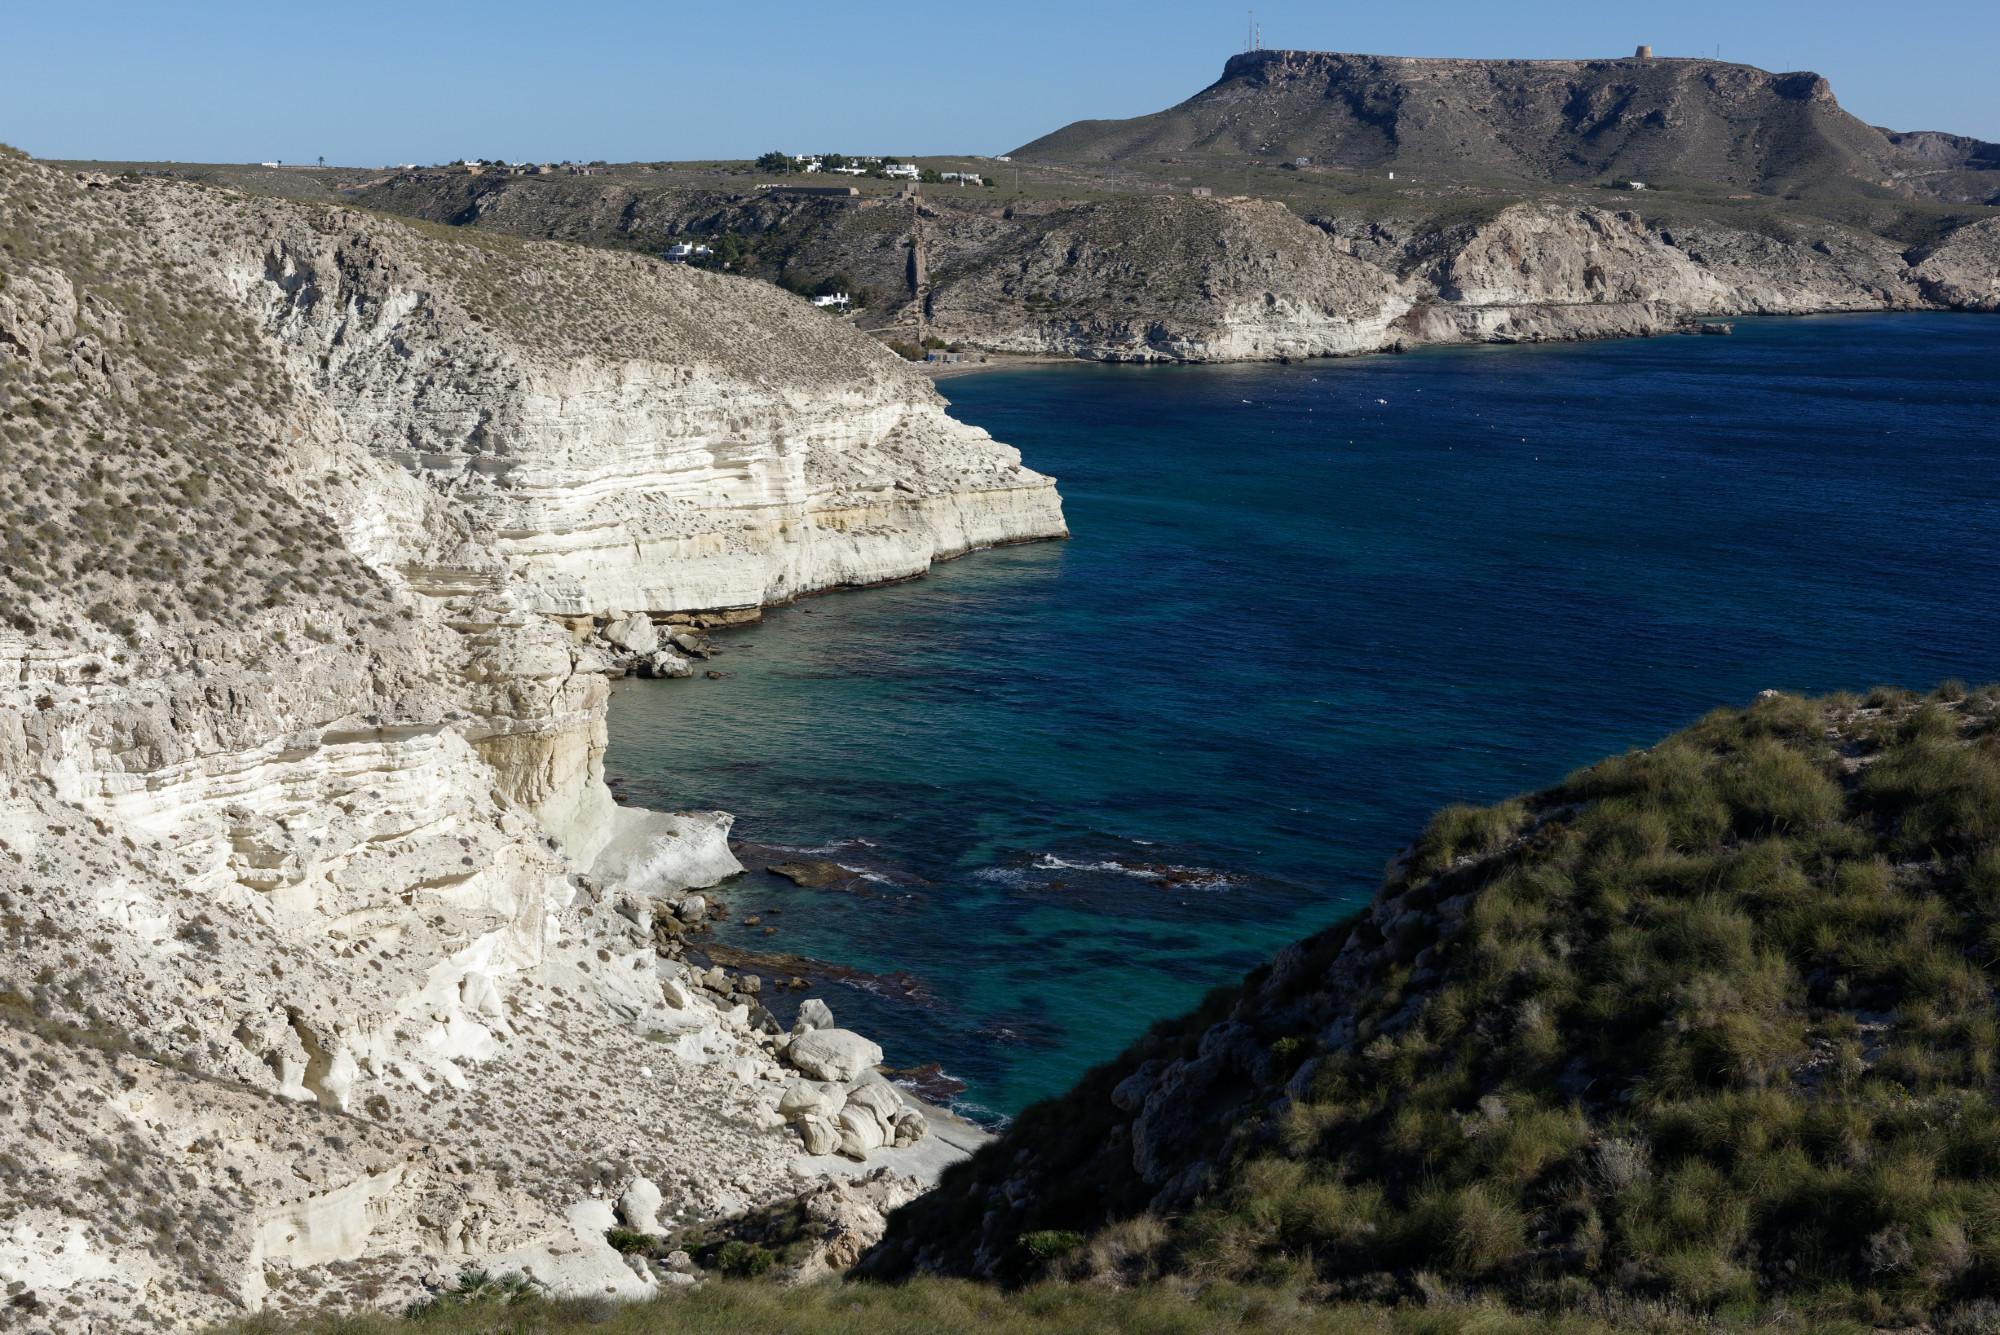 171217-Marche Agua Amarga vers Playa de Enmedio (Cabo de Gata-Andalousie) (41)